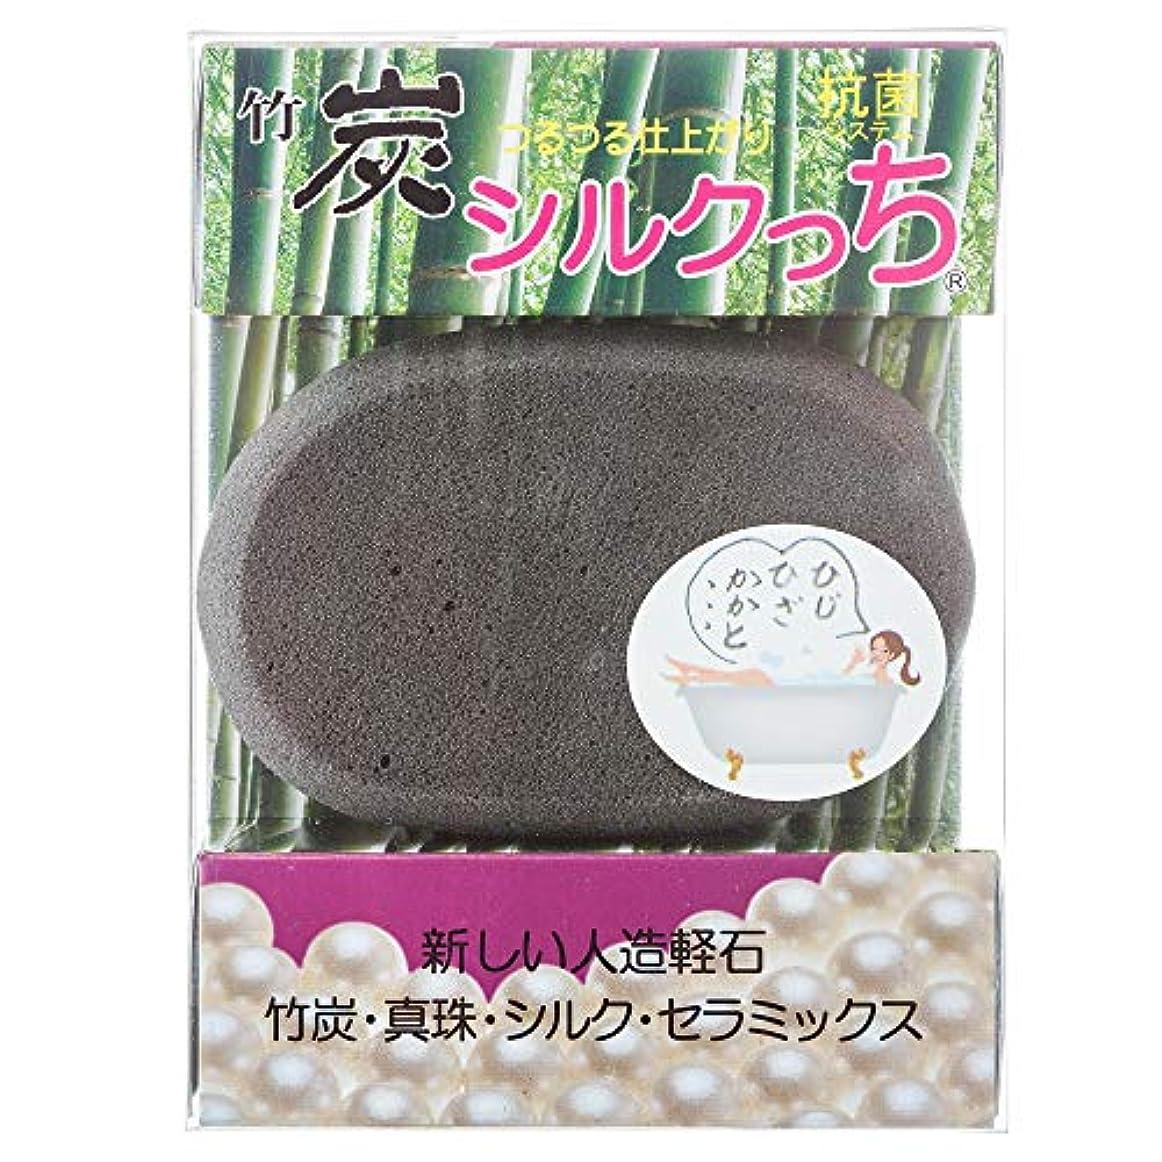 識字ではごきげんよう細い竹炭シルクっち